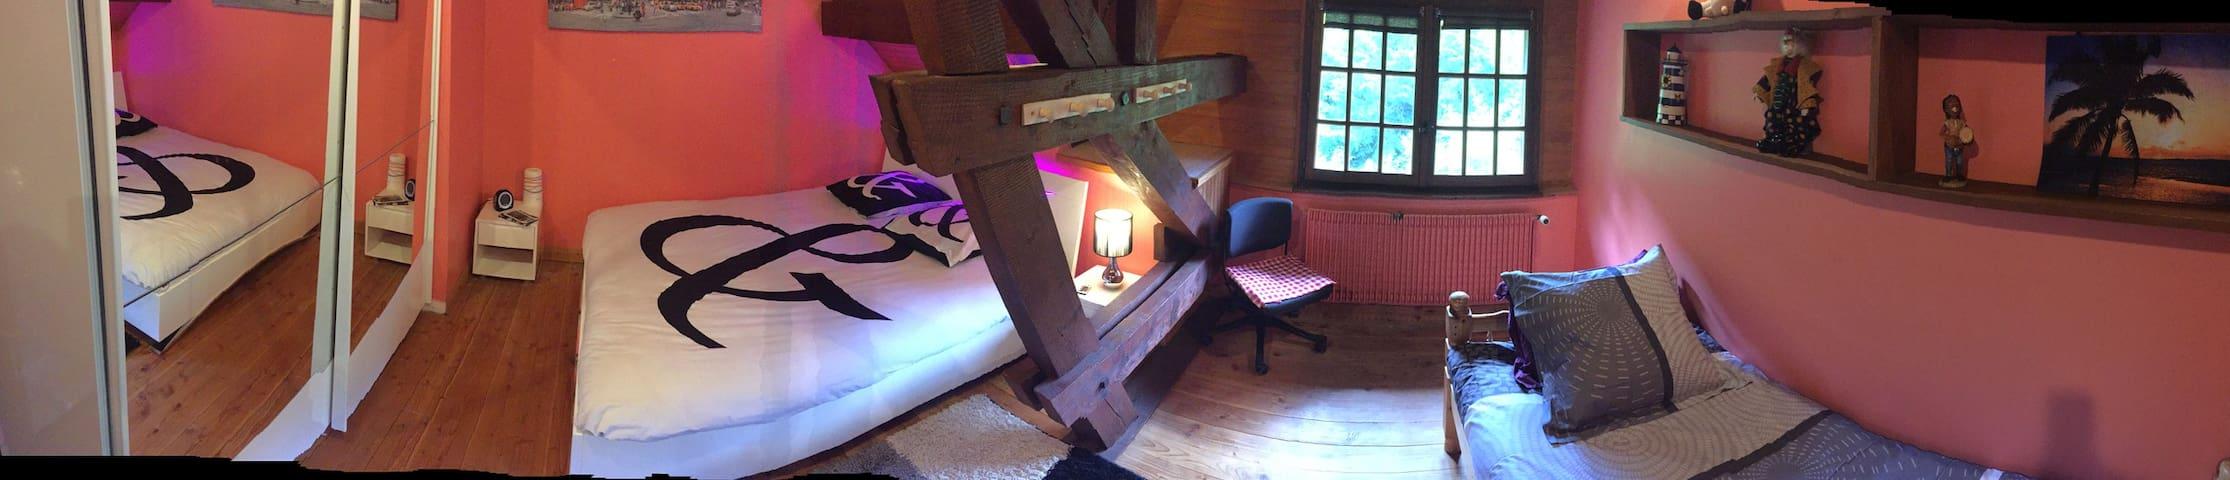 Chambre spacieuse dans une maison de caractère - Saint-Hippolyte - Inap sarapan